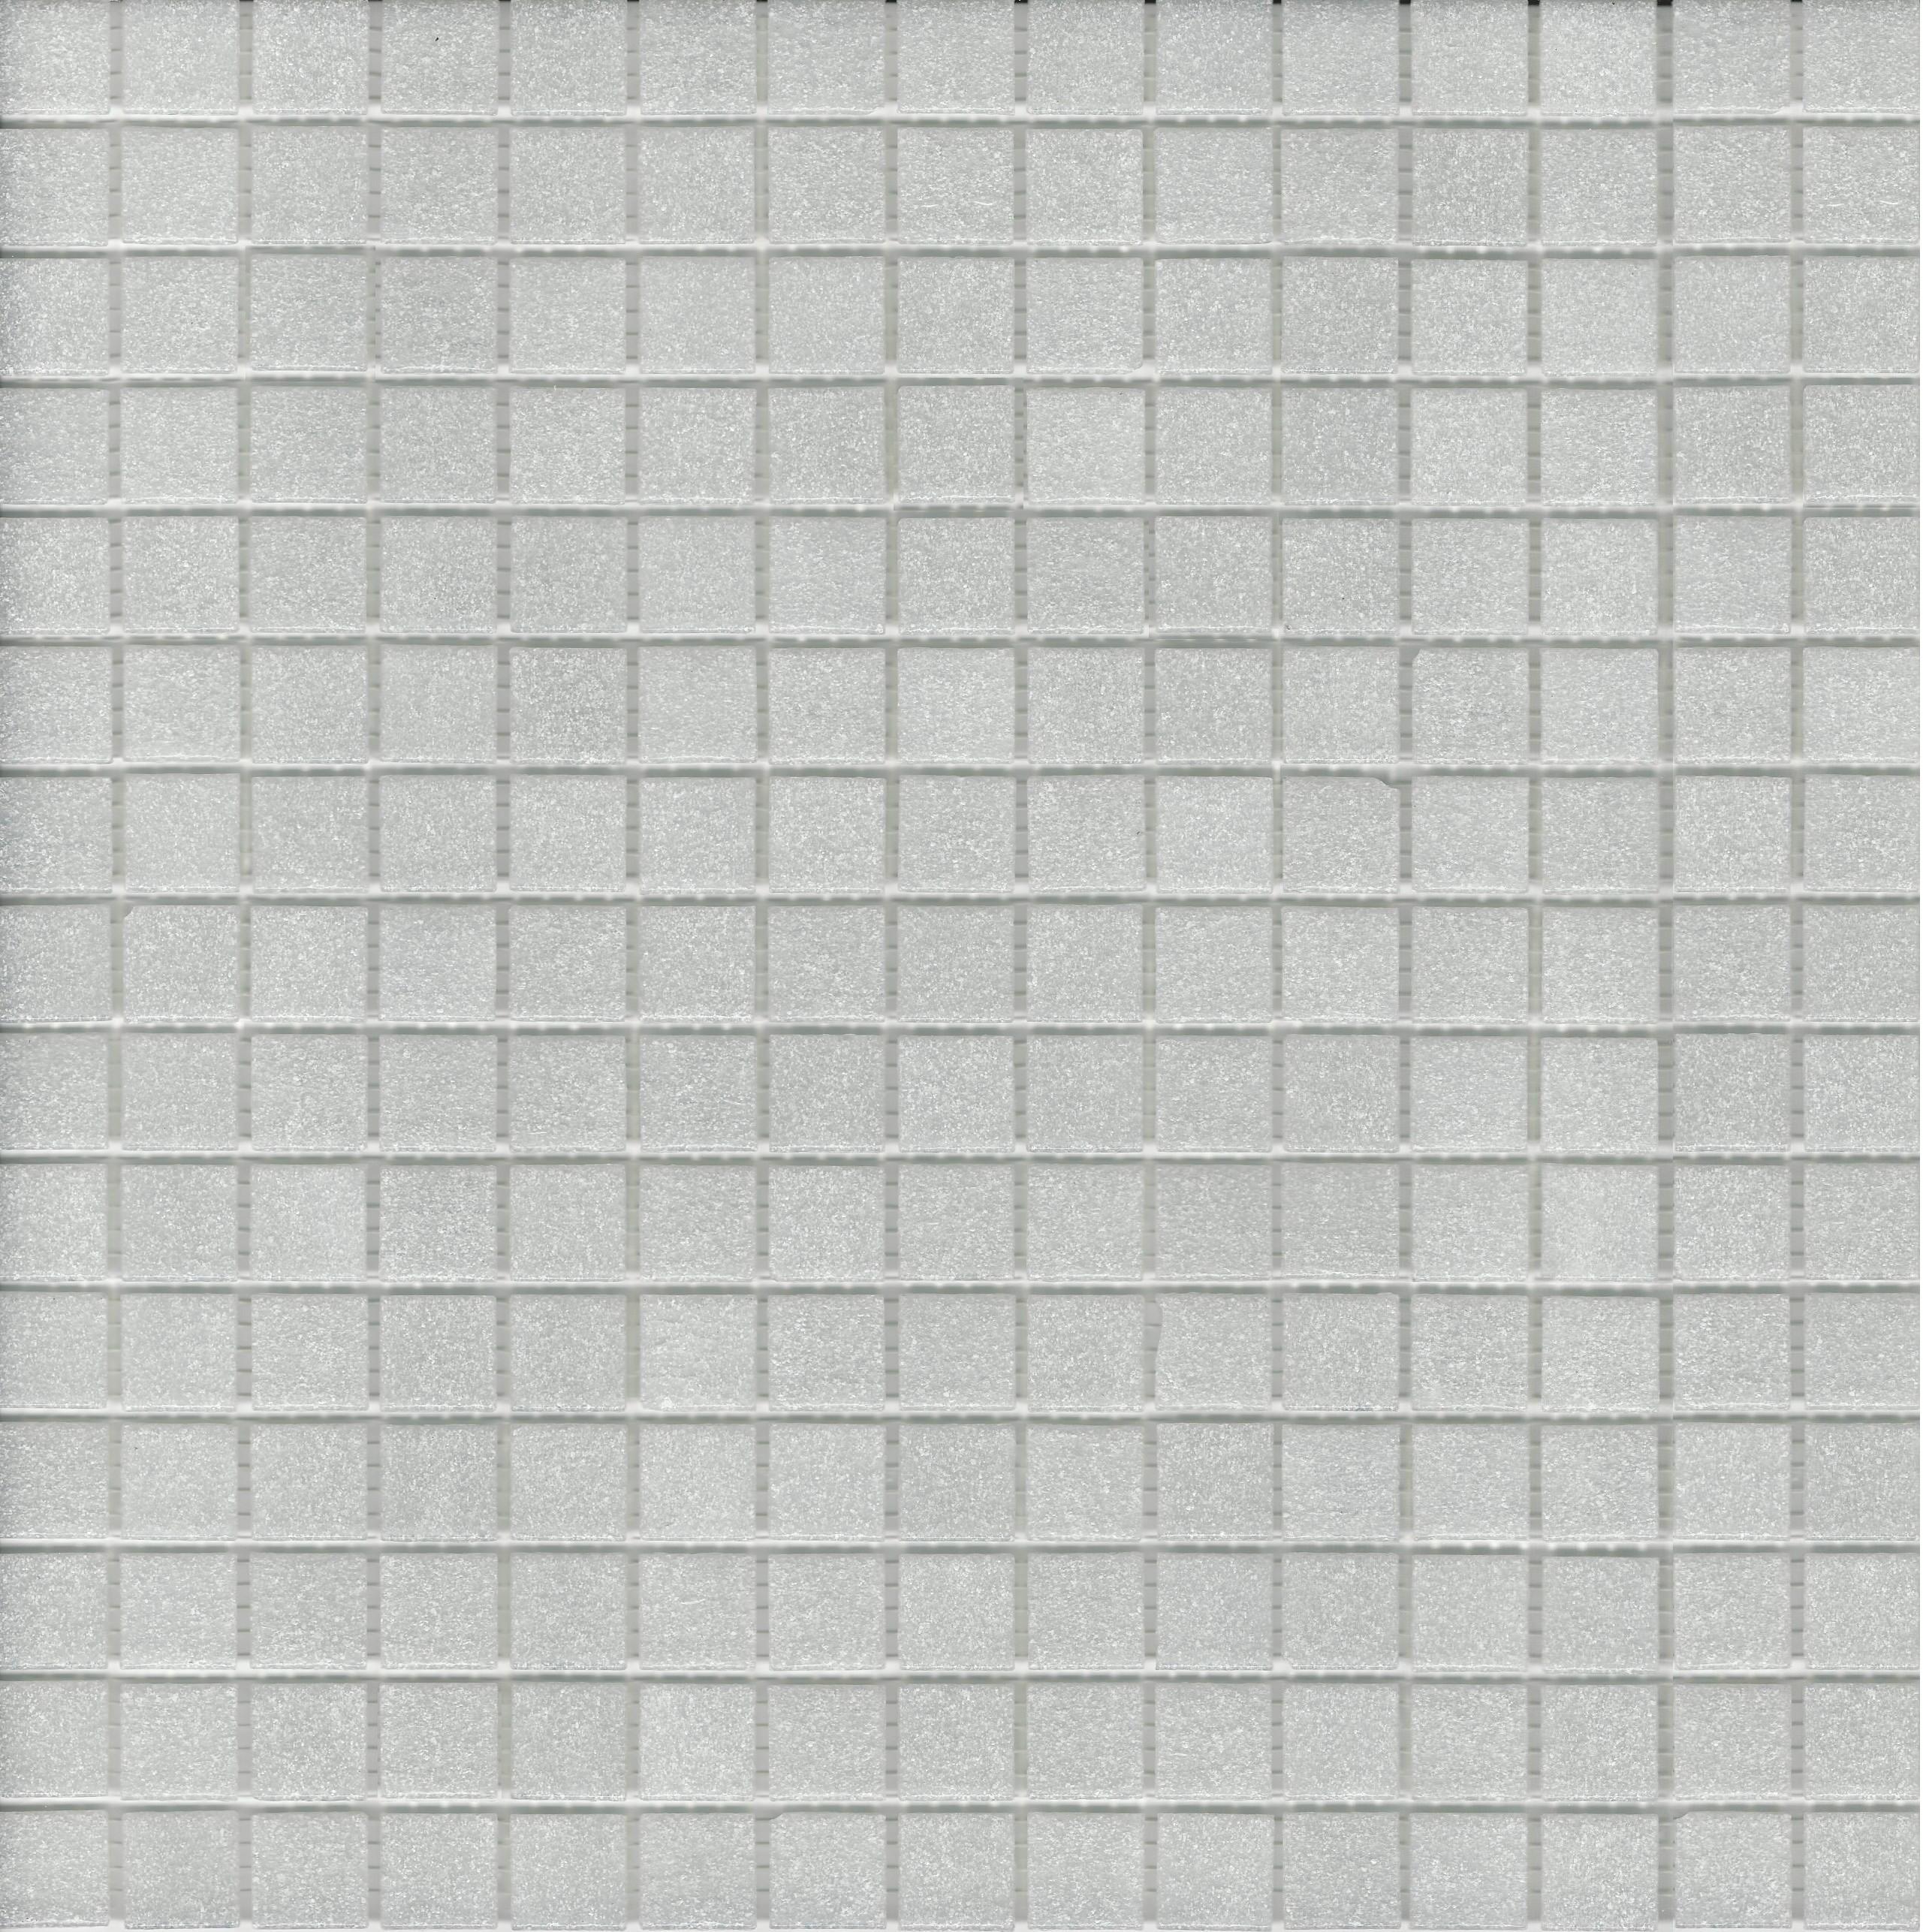 Badkamertegels met mozaiek beste inspiratie voor huis ontwerp - Mozaiek ontwerp ...